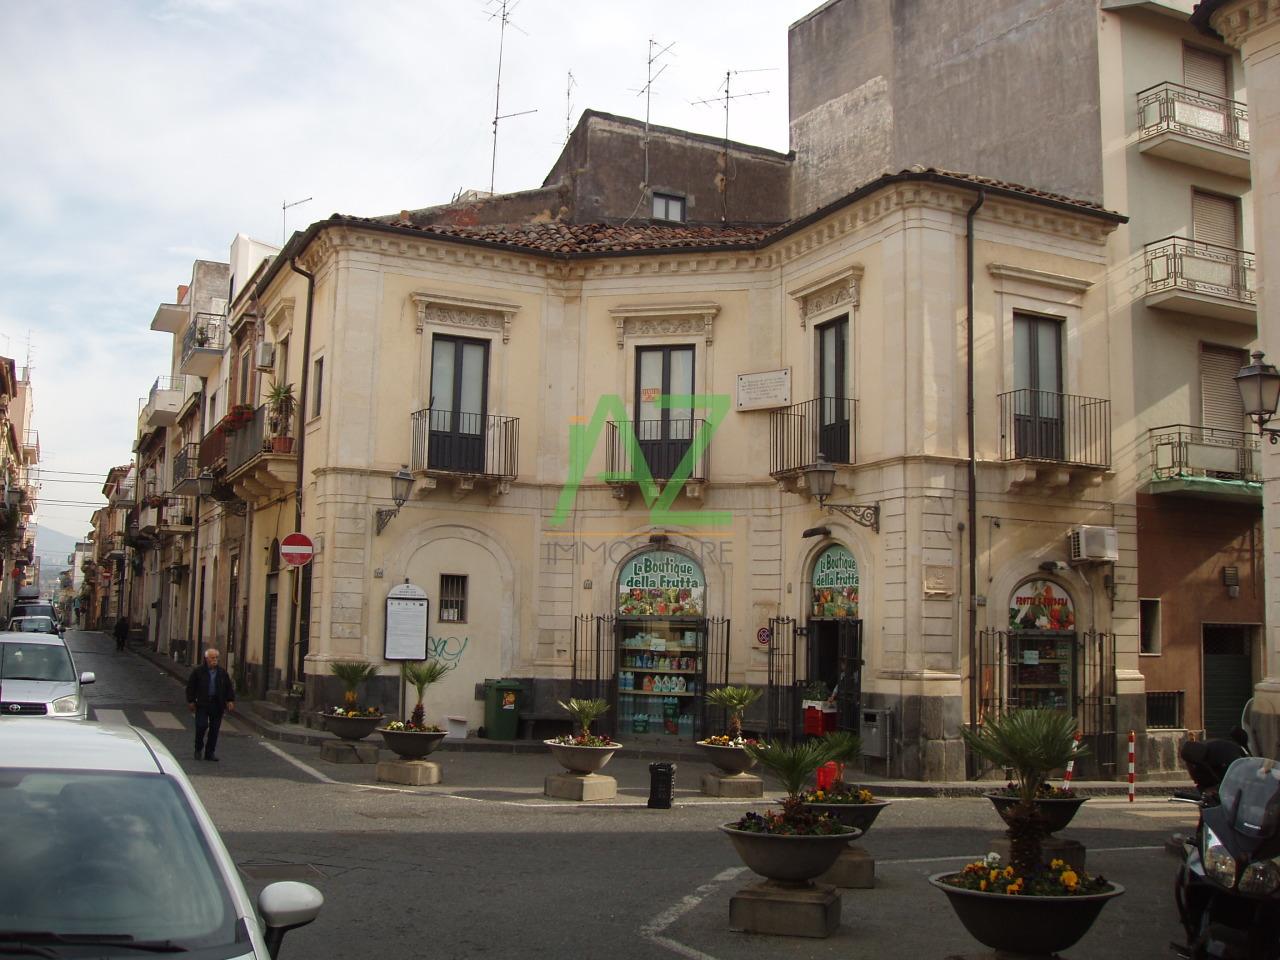 Soluzione Indipendente in vendita a Misterbianco, 3 locali, prezzo € 105.000 | Cambio Casa.it